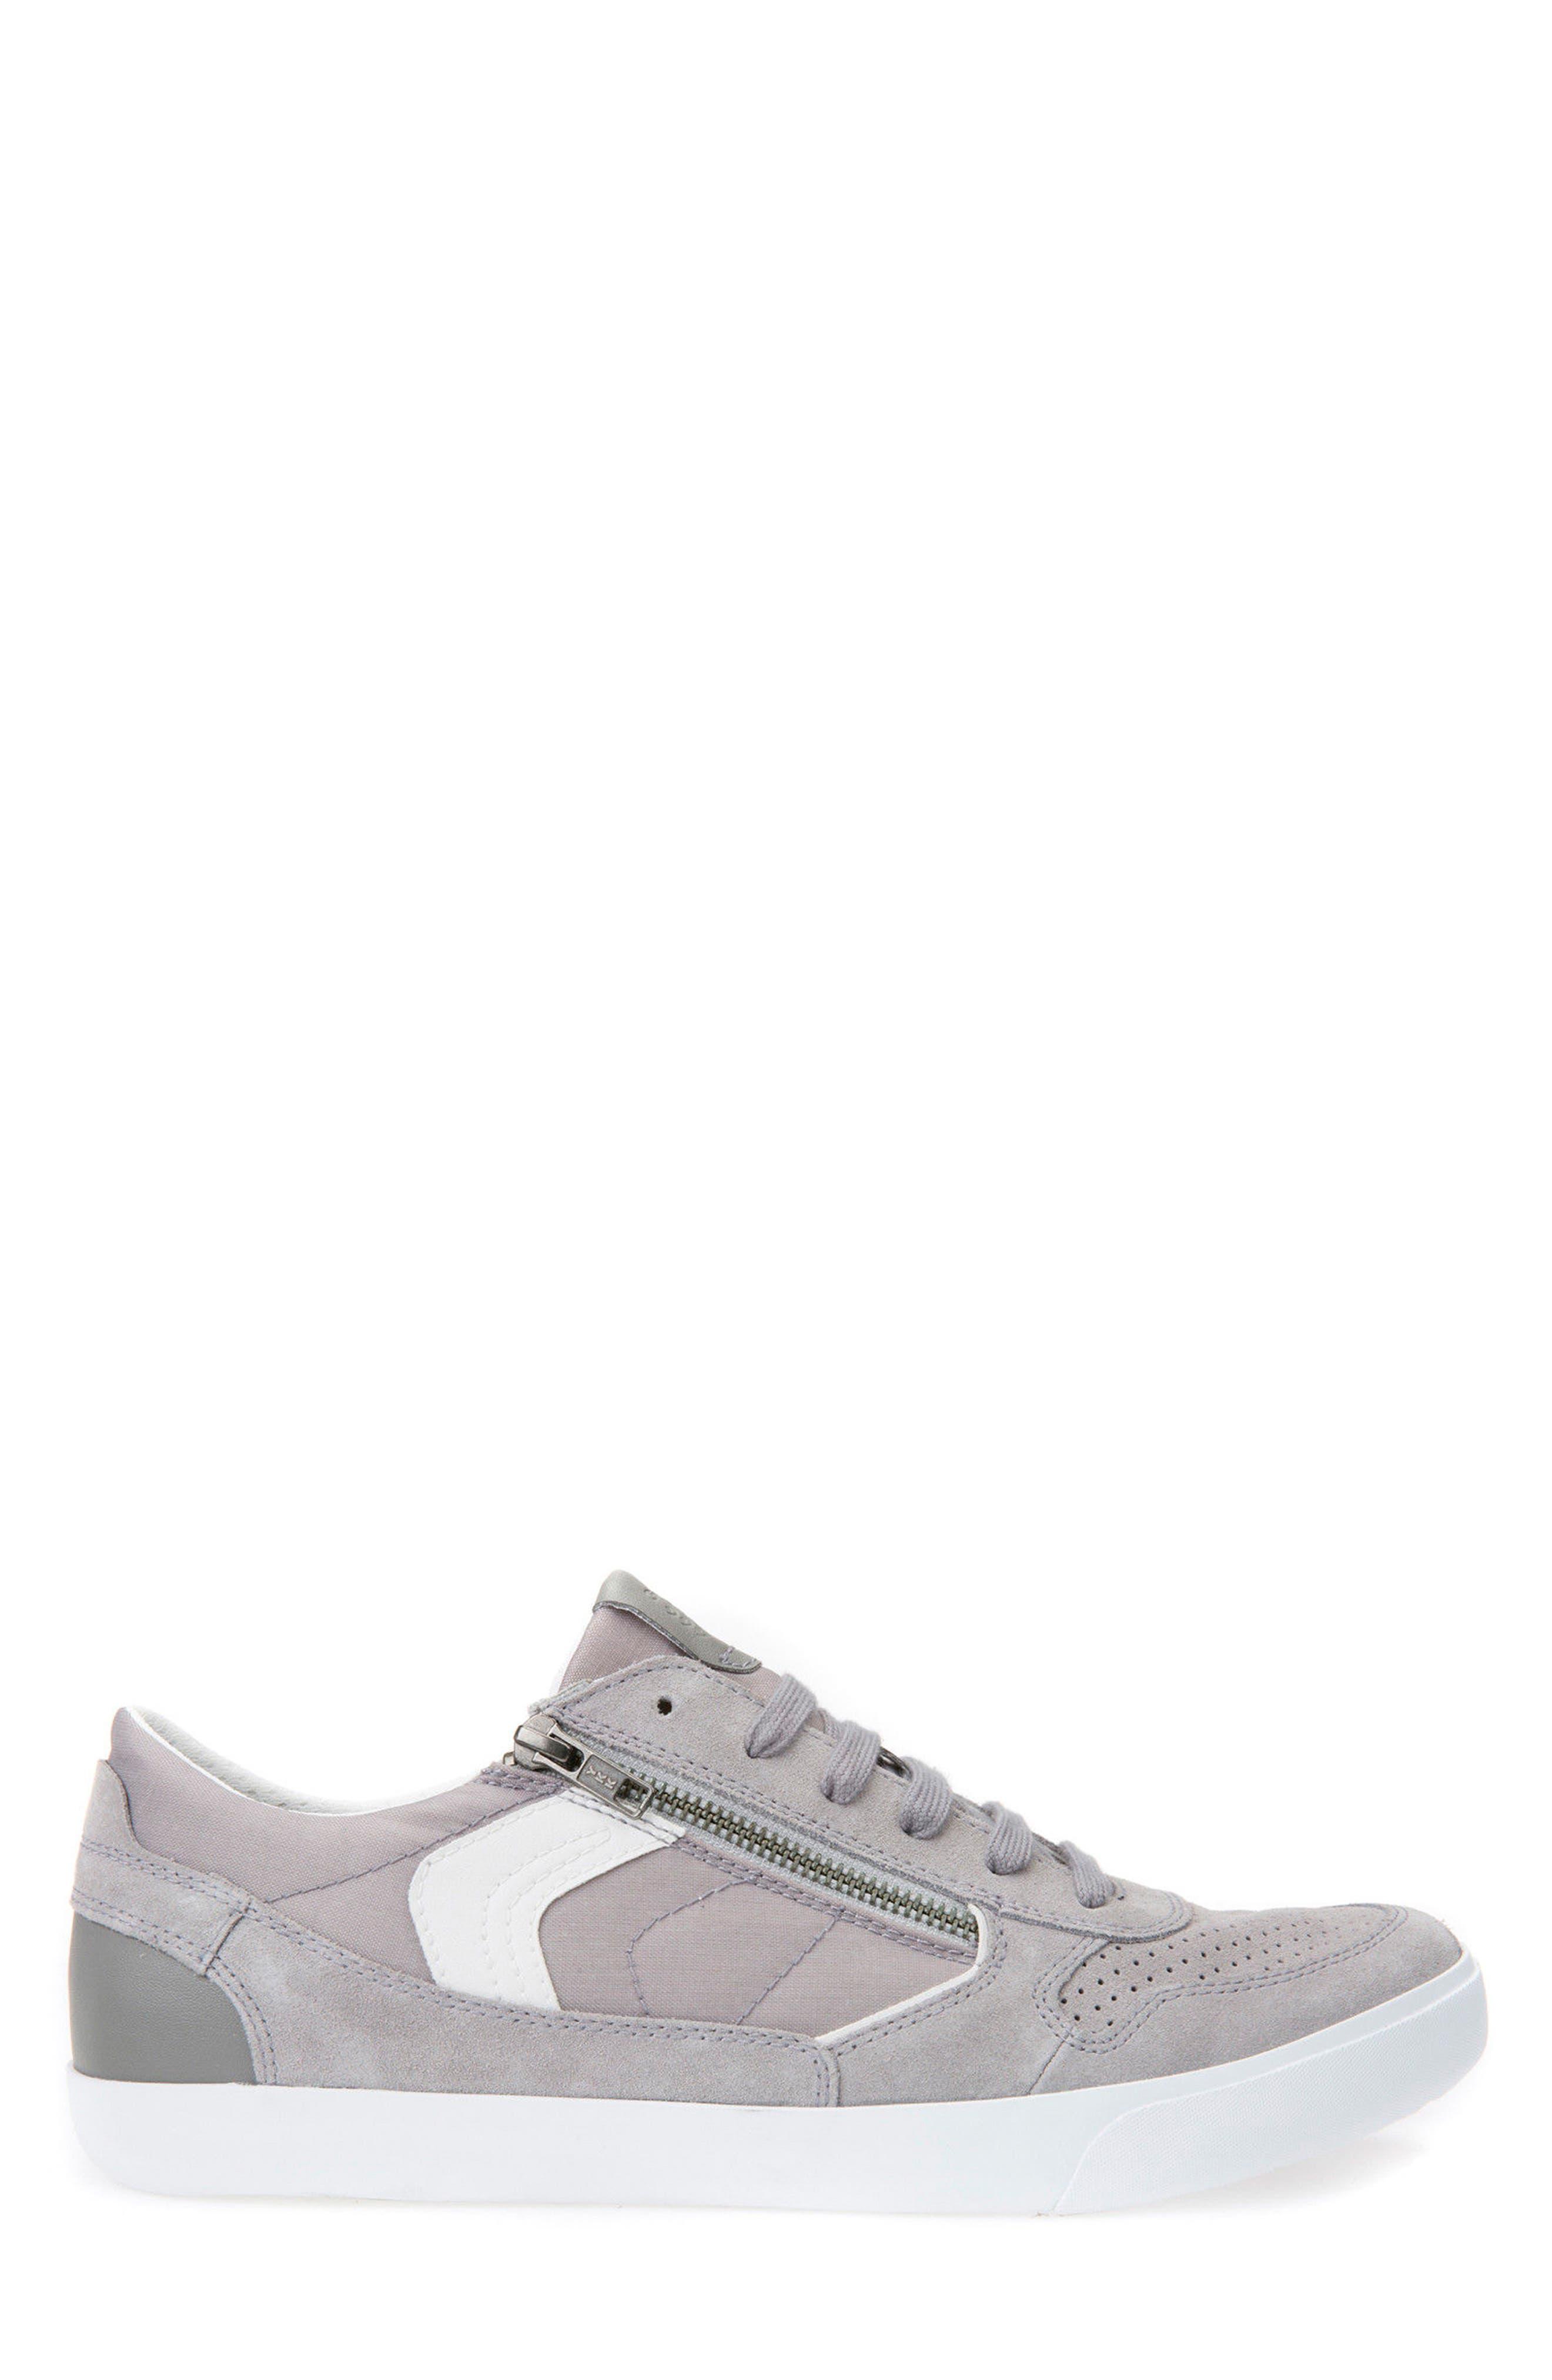 Box 33 Low Top Zip Sneaker,                             Alternate thumbnail 3, color,                             030